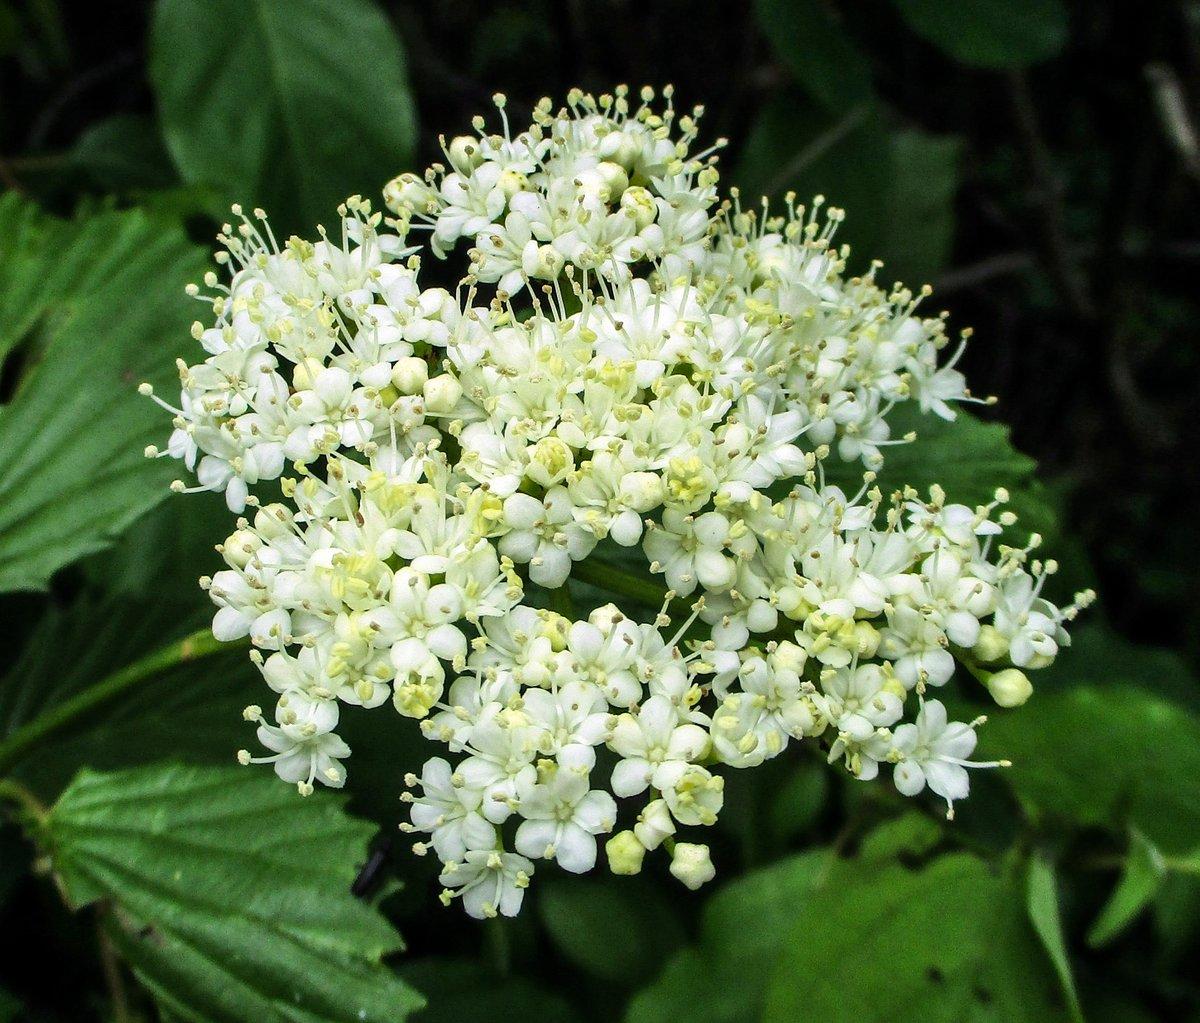 14. Smooth arrowwood (Viburnum dentatum)